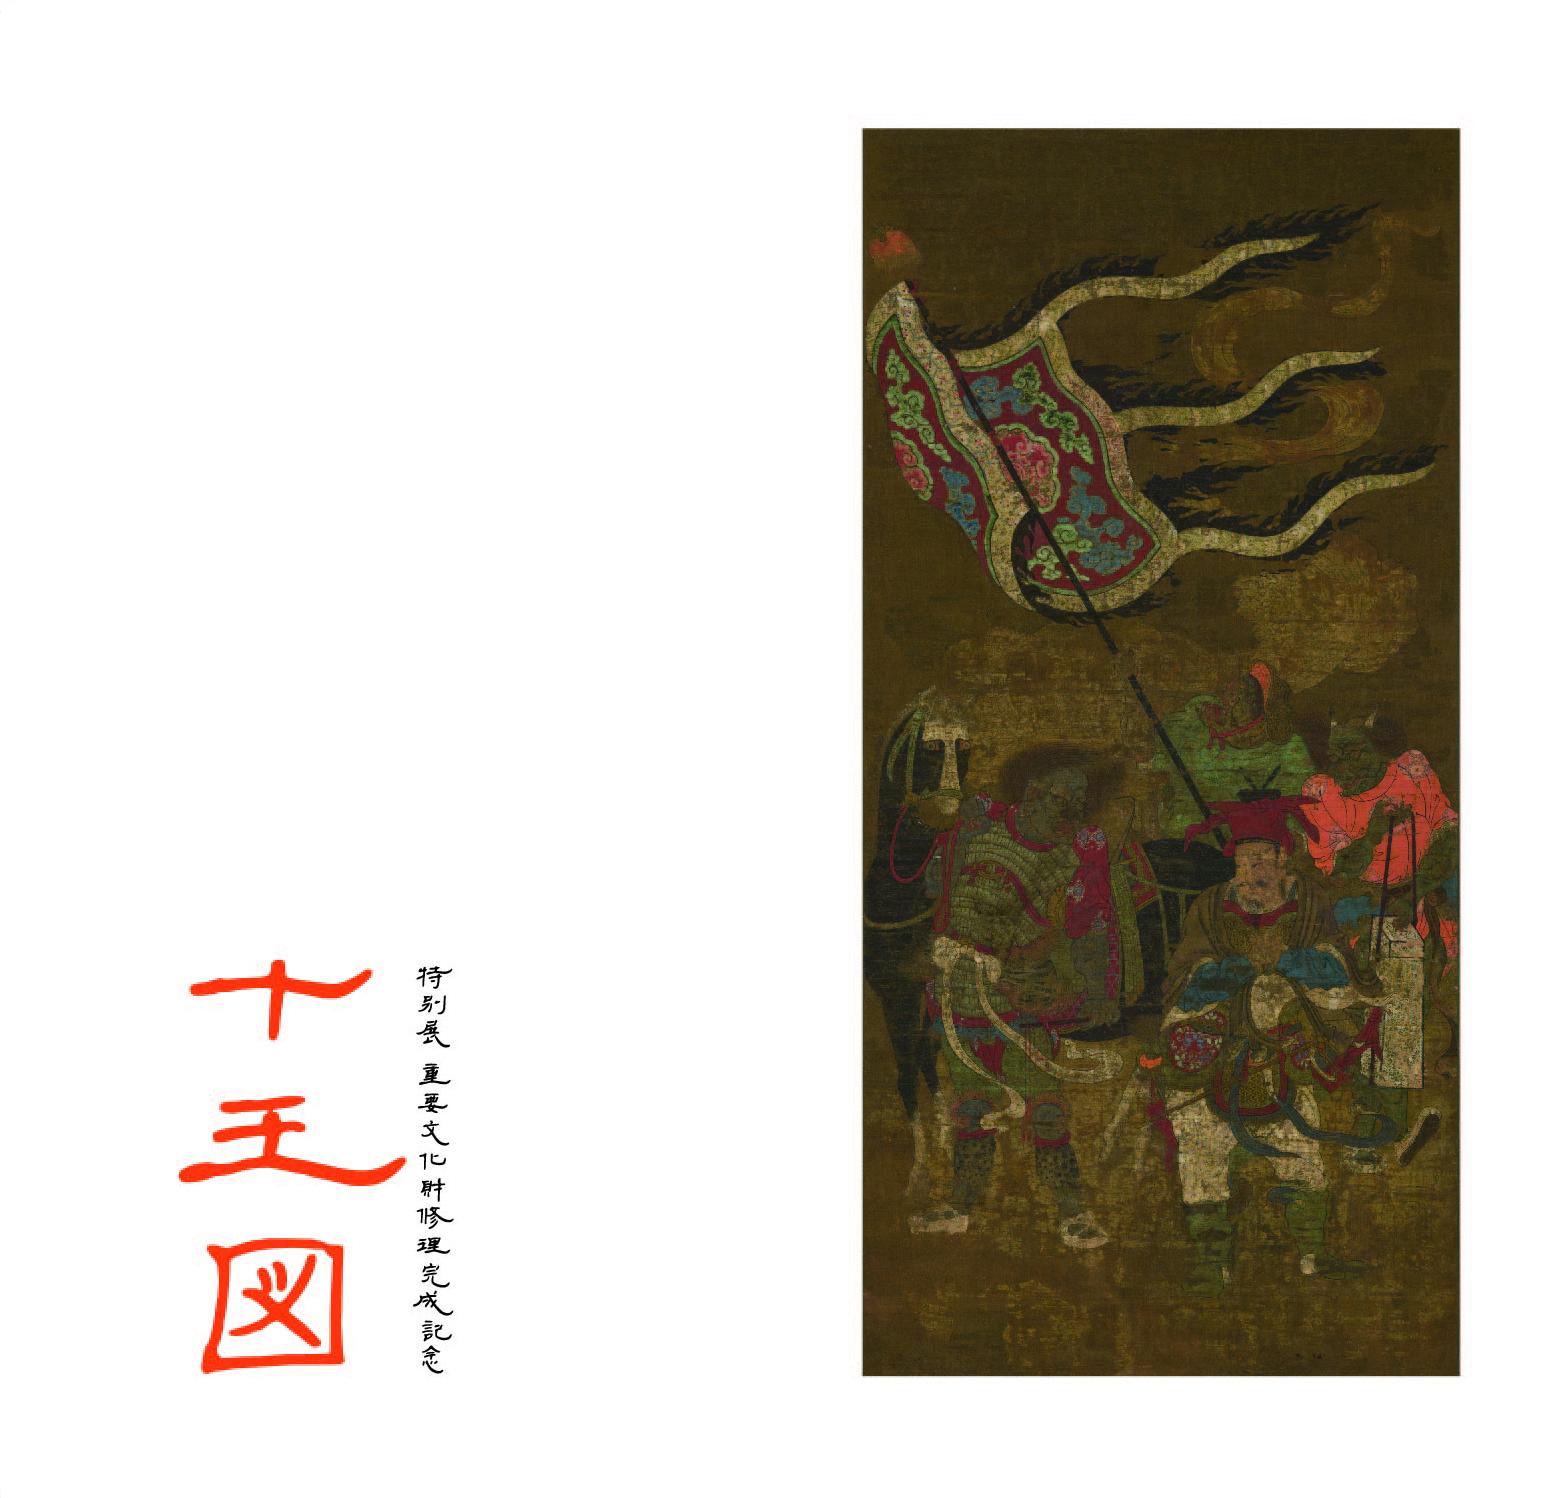 特別展「重要文化財修理完成記念–十王図–」